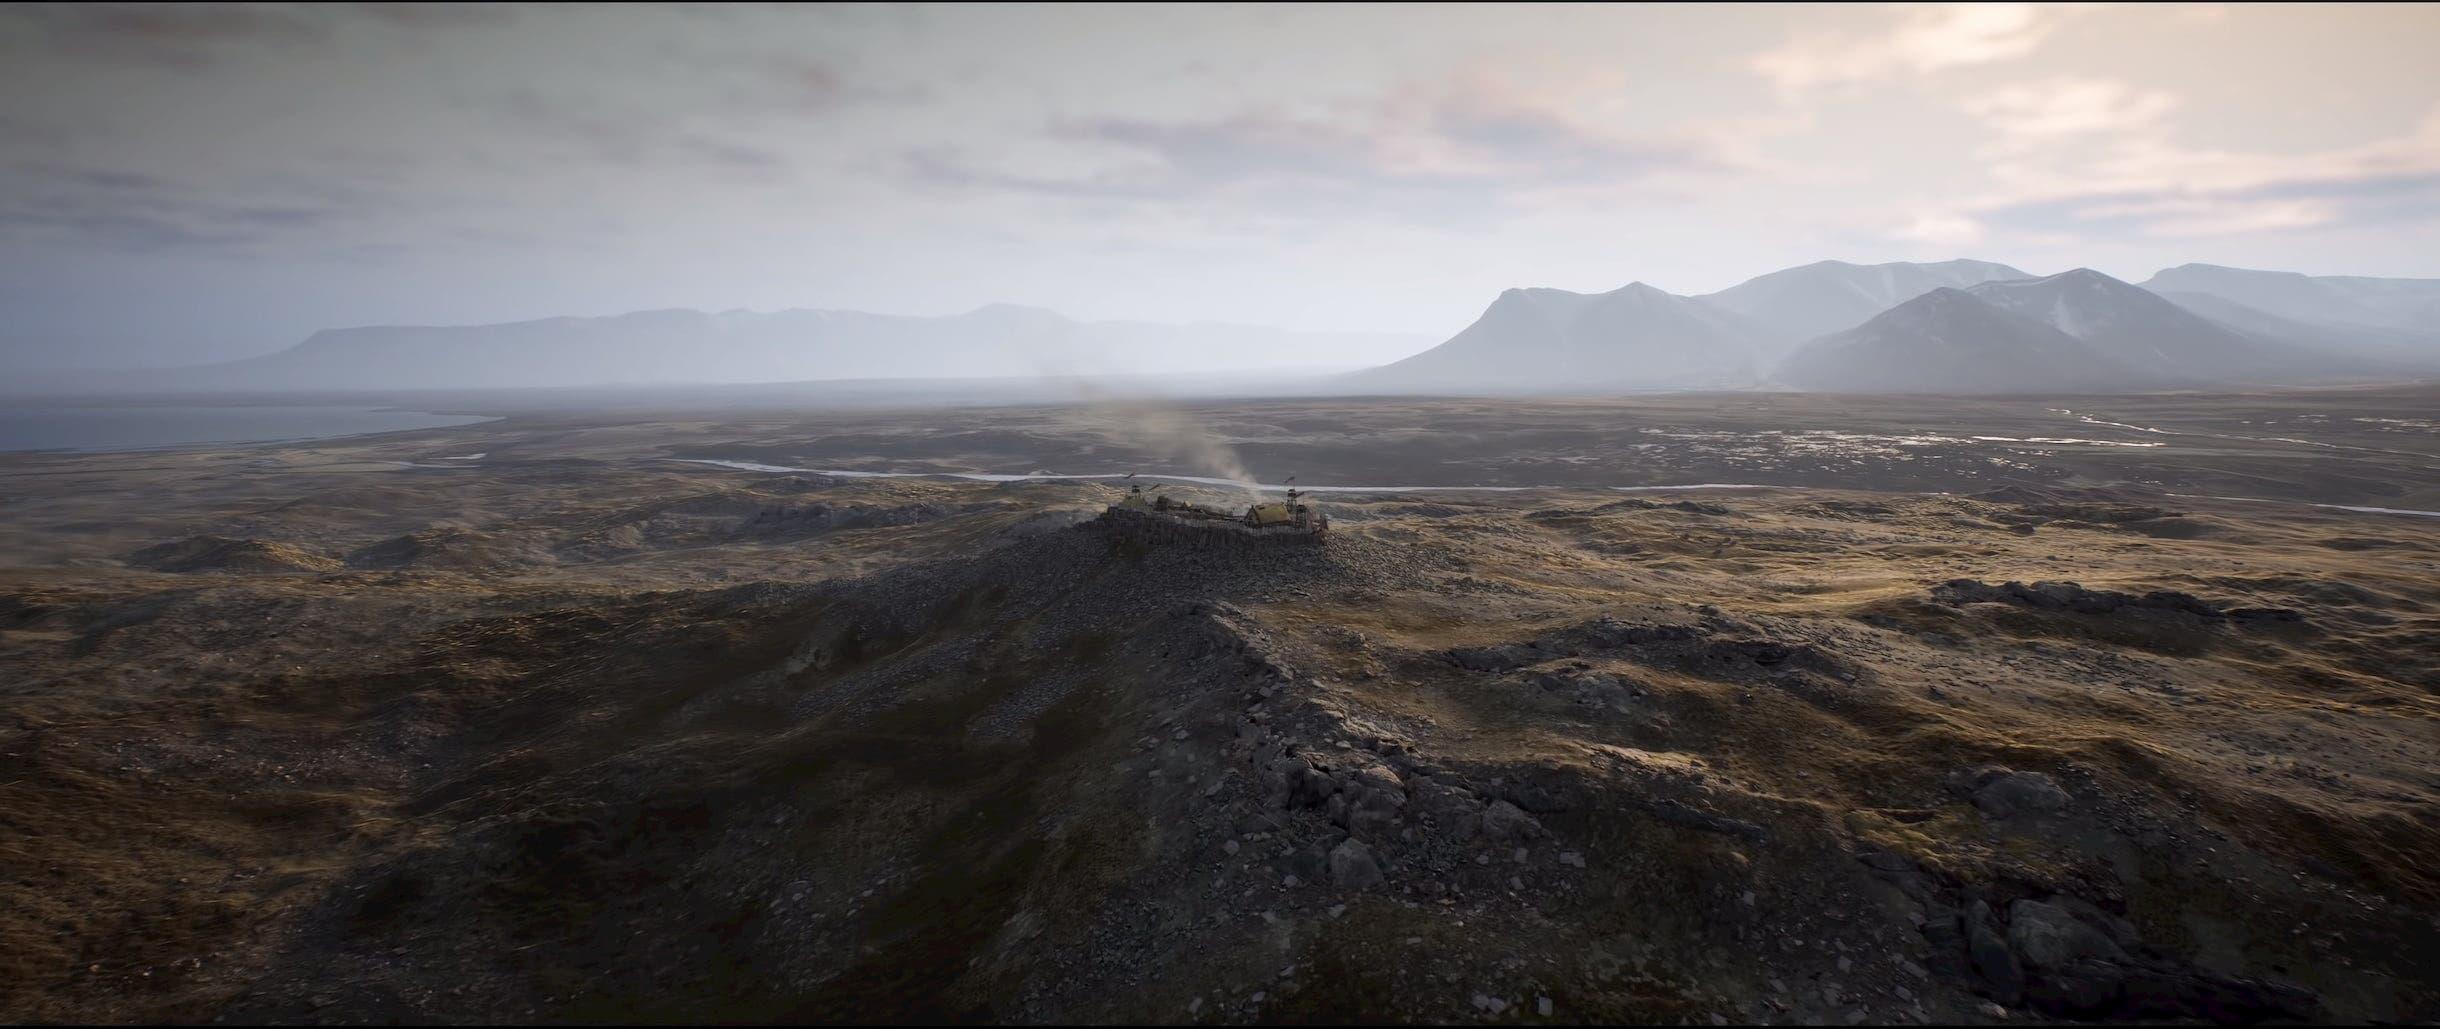 Qué esperamos de Ninja Theory en el Xbox Games Showcase 2